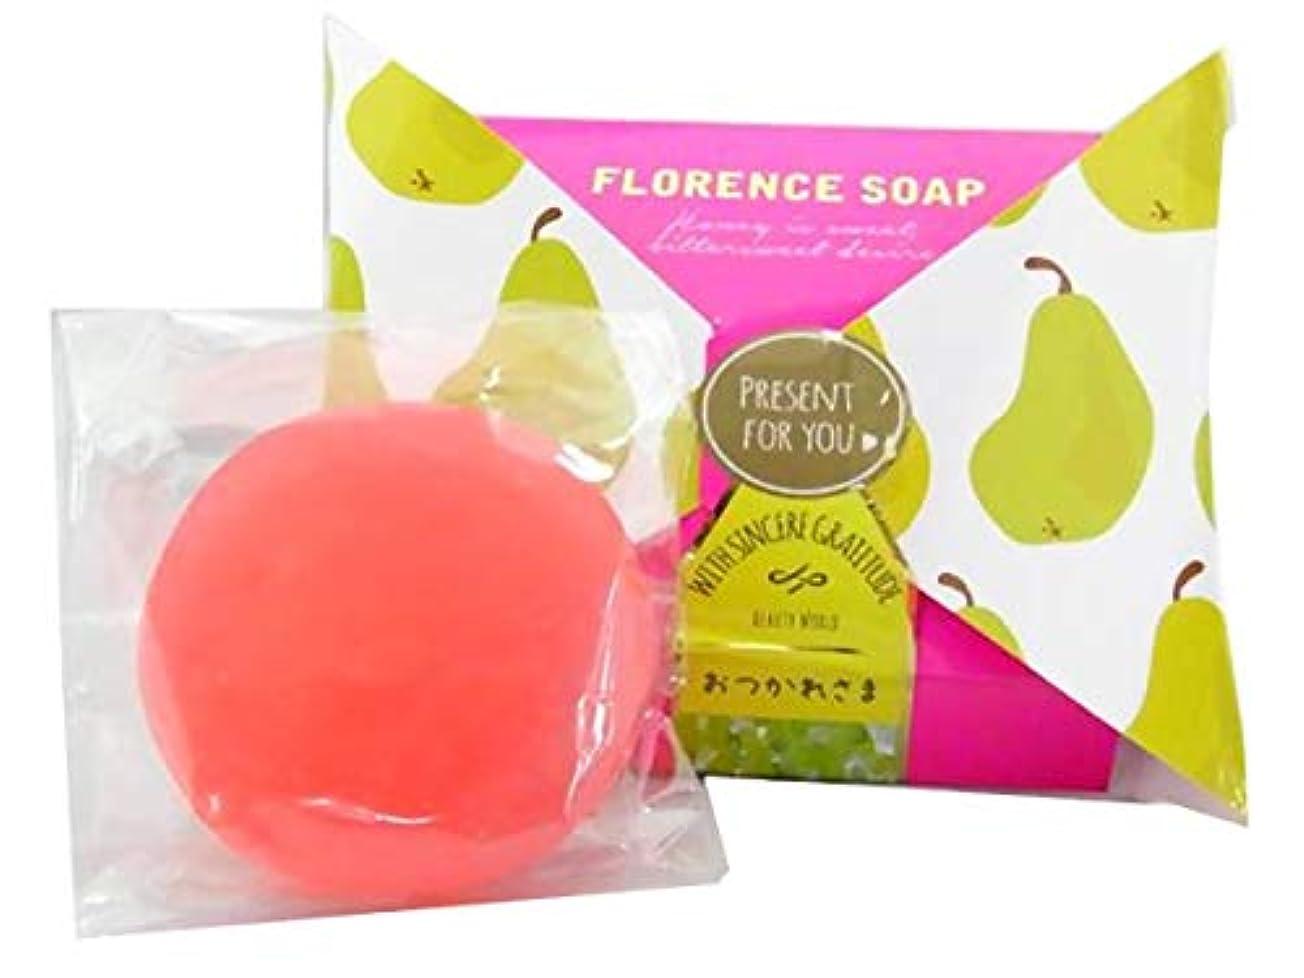 悪化させるドールサイトラインビューティーワールド BWフローレンスの香り石けん リボンパッケージ 6個セット FSP386?蜜の甘く切ない願い